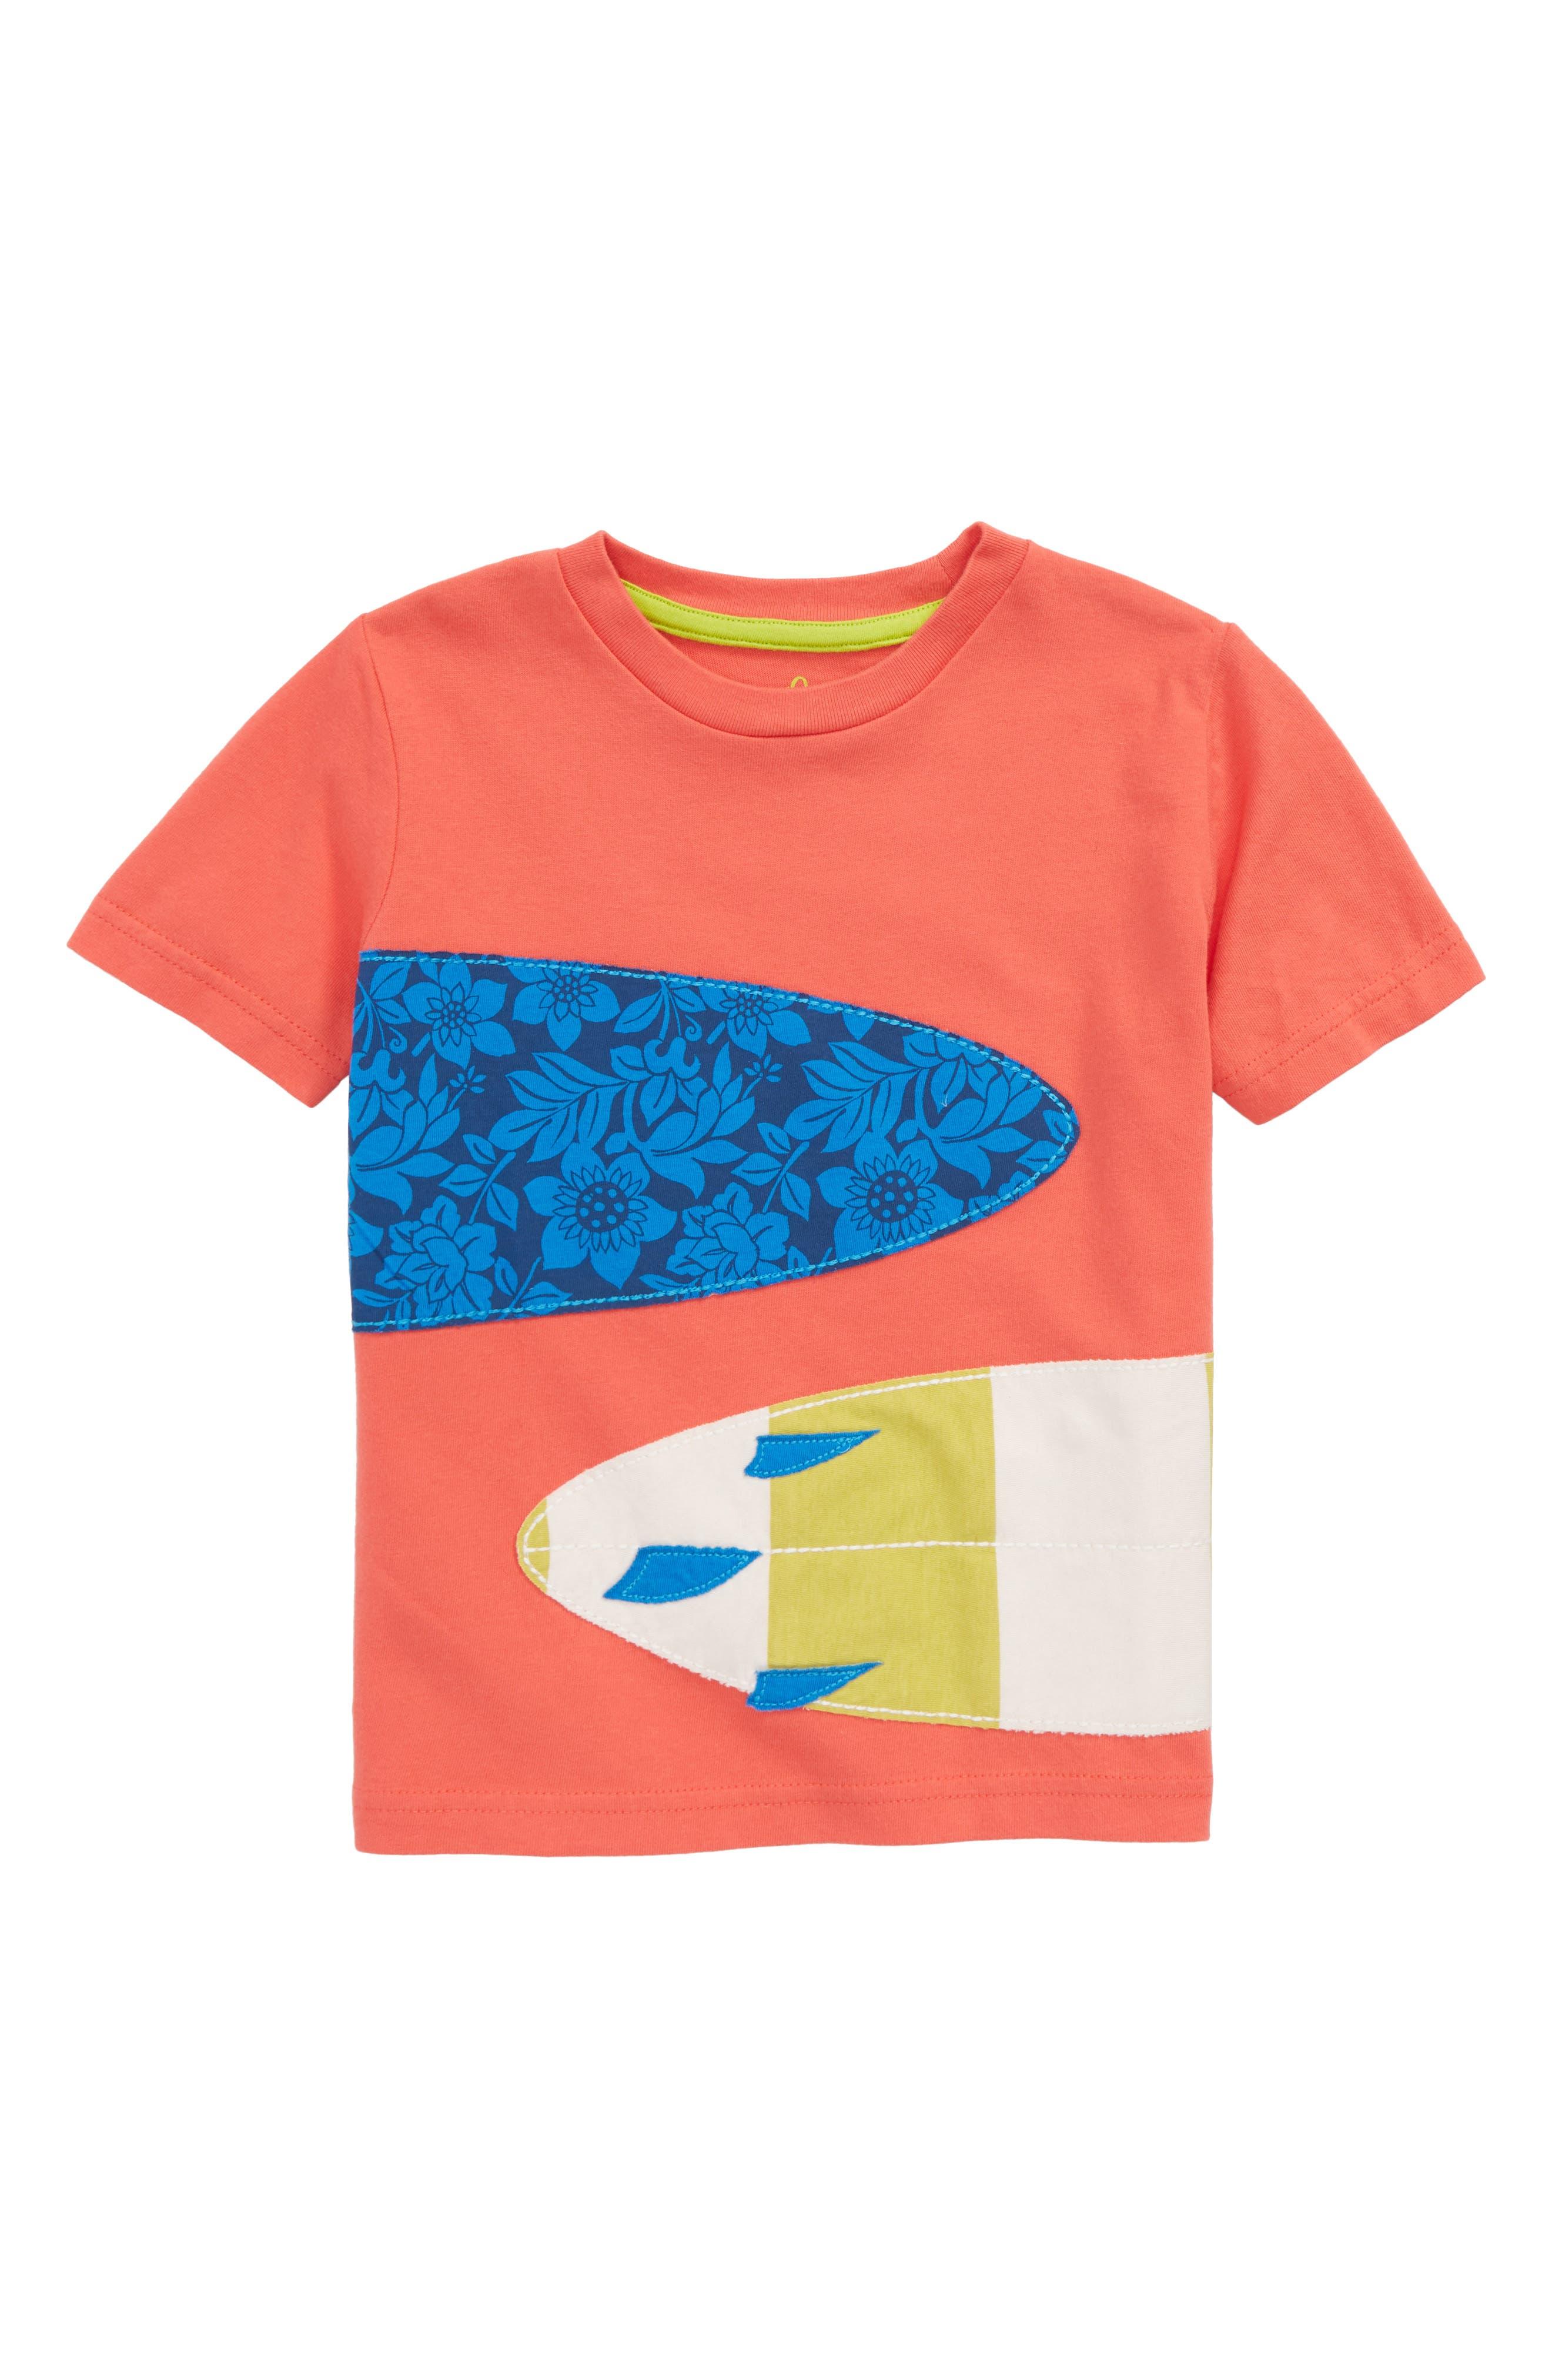 Appliqué T-Shirt,                             Main thumbnail 1, color,                             Jam Red Surfboards